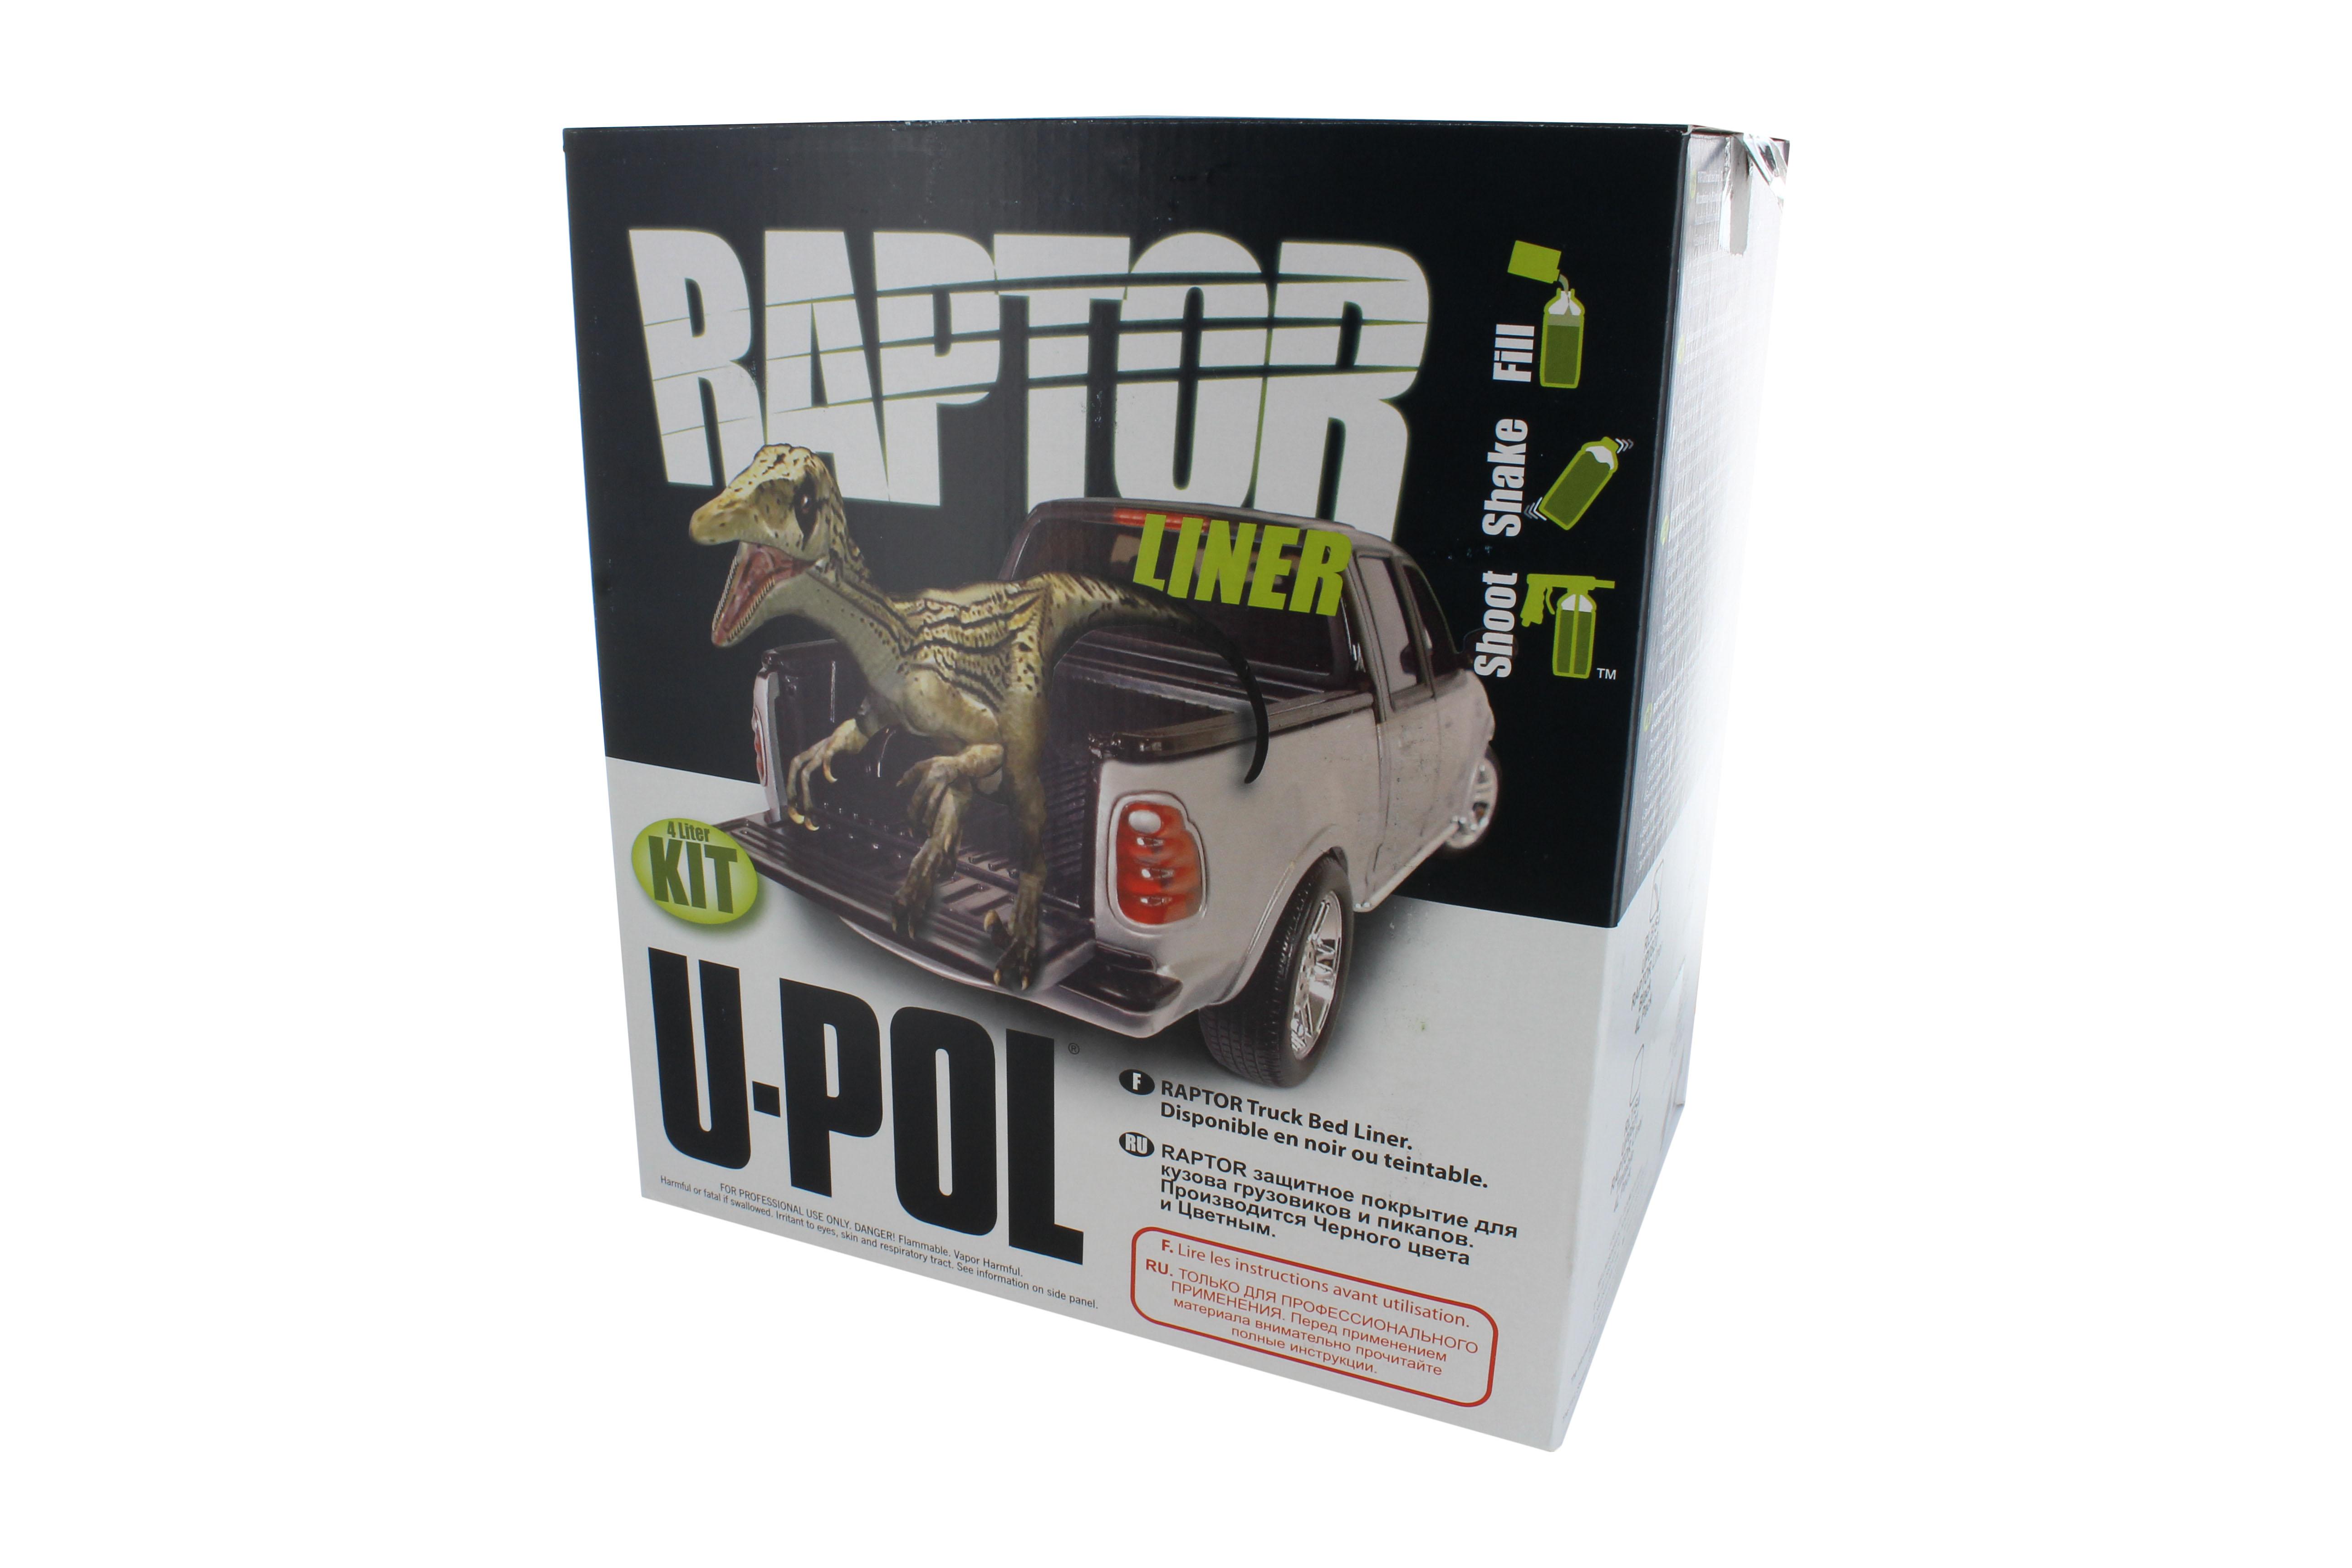 Raptor Tintable Truck Bed Liner 4 Liter Kit Upol 844825091894 Ebay